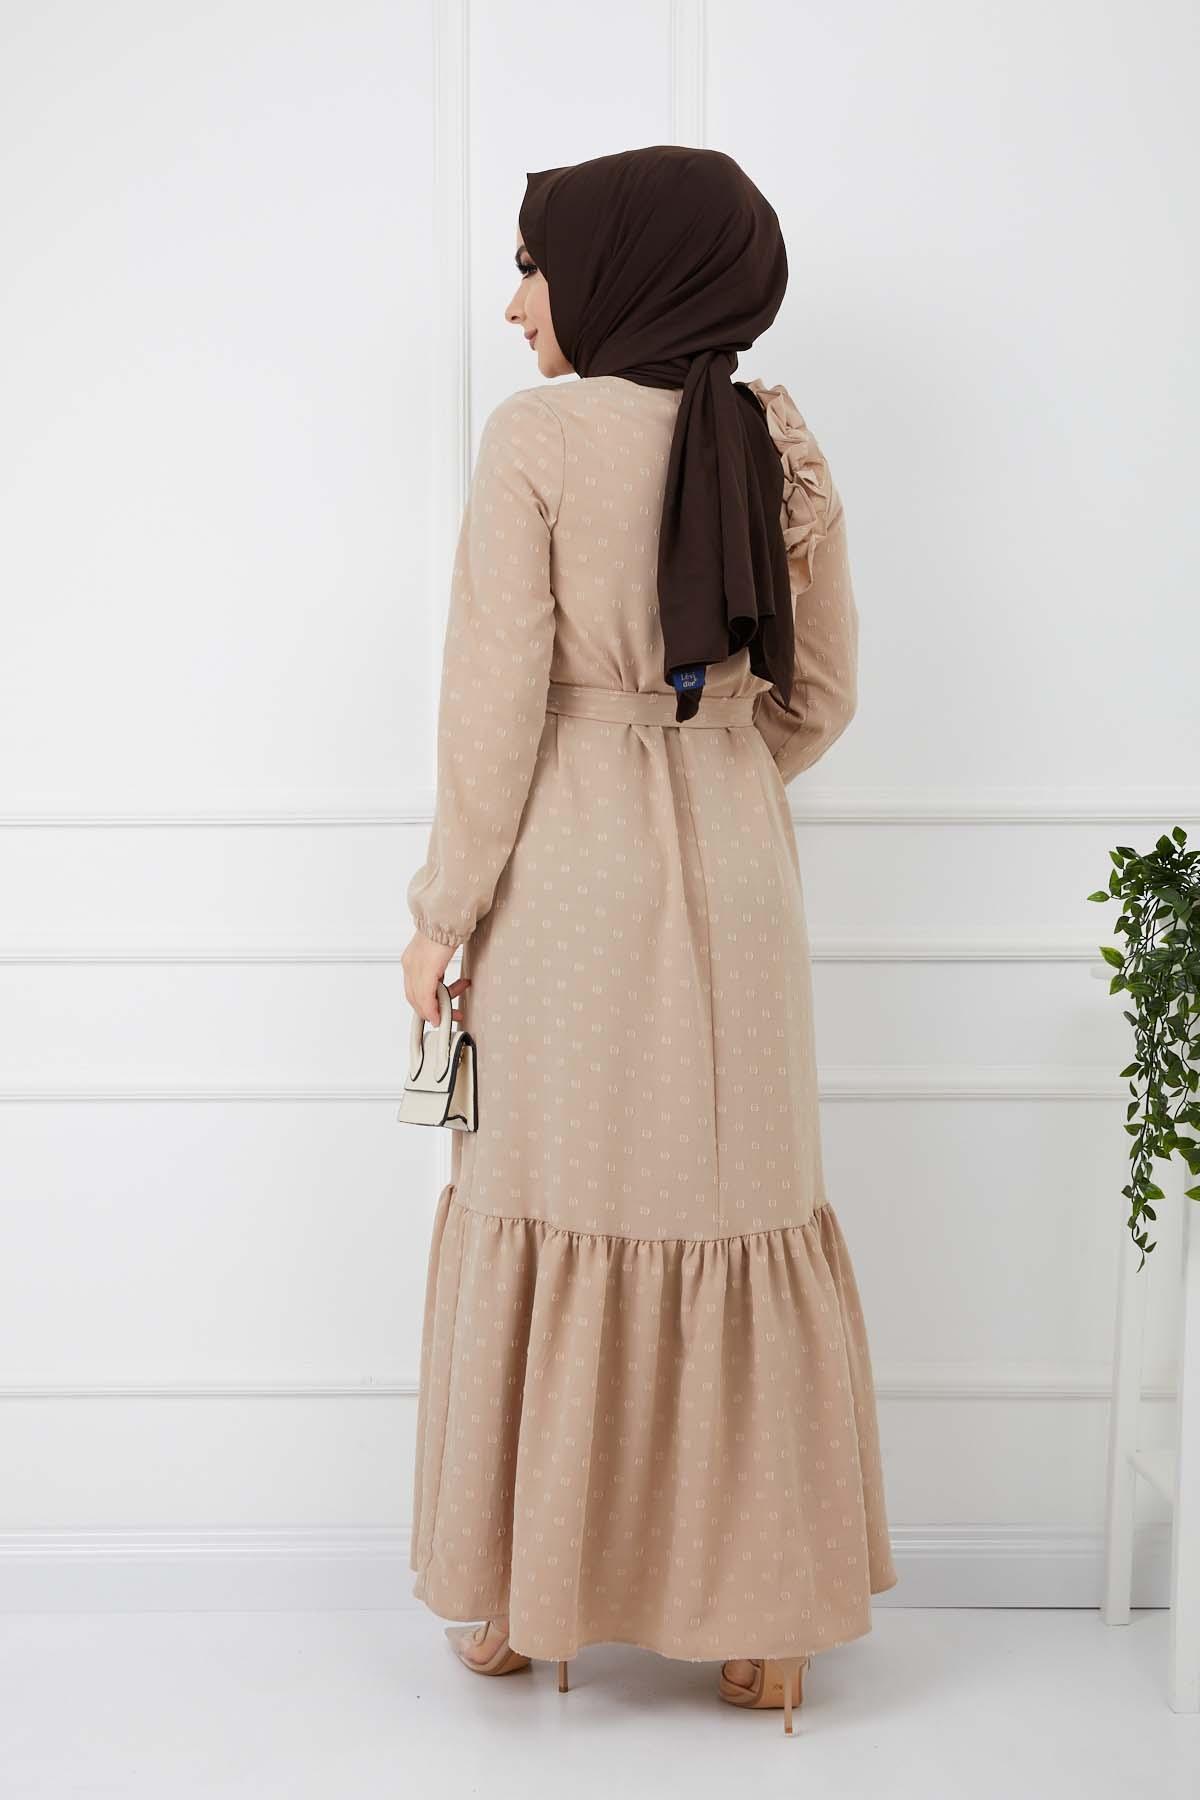 Omuzu Fırfırlı Geniş Ponponlu Elbise - Krem